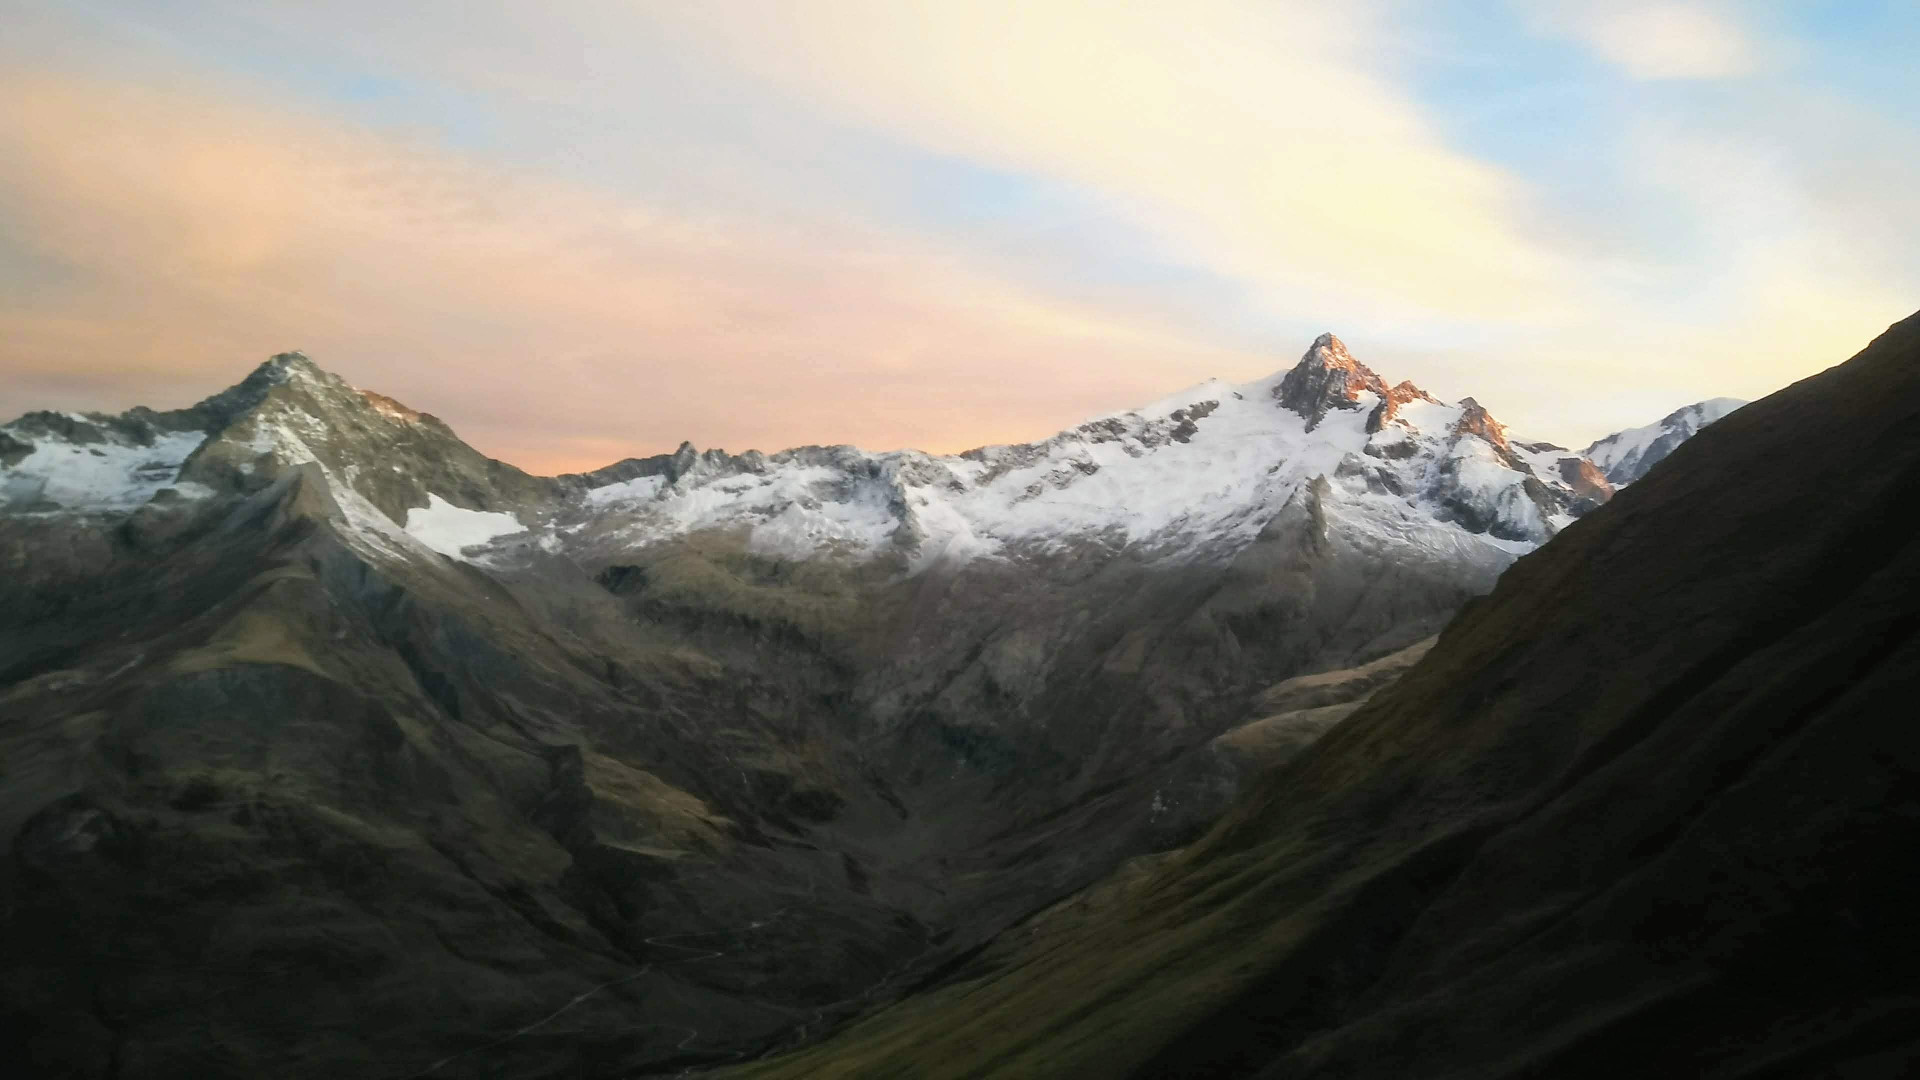 Tral du Petit Saint-Bernard 2019 - En pleine acsension du Col de l'Ouillon, le jour se lève